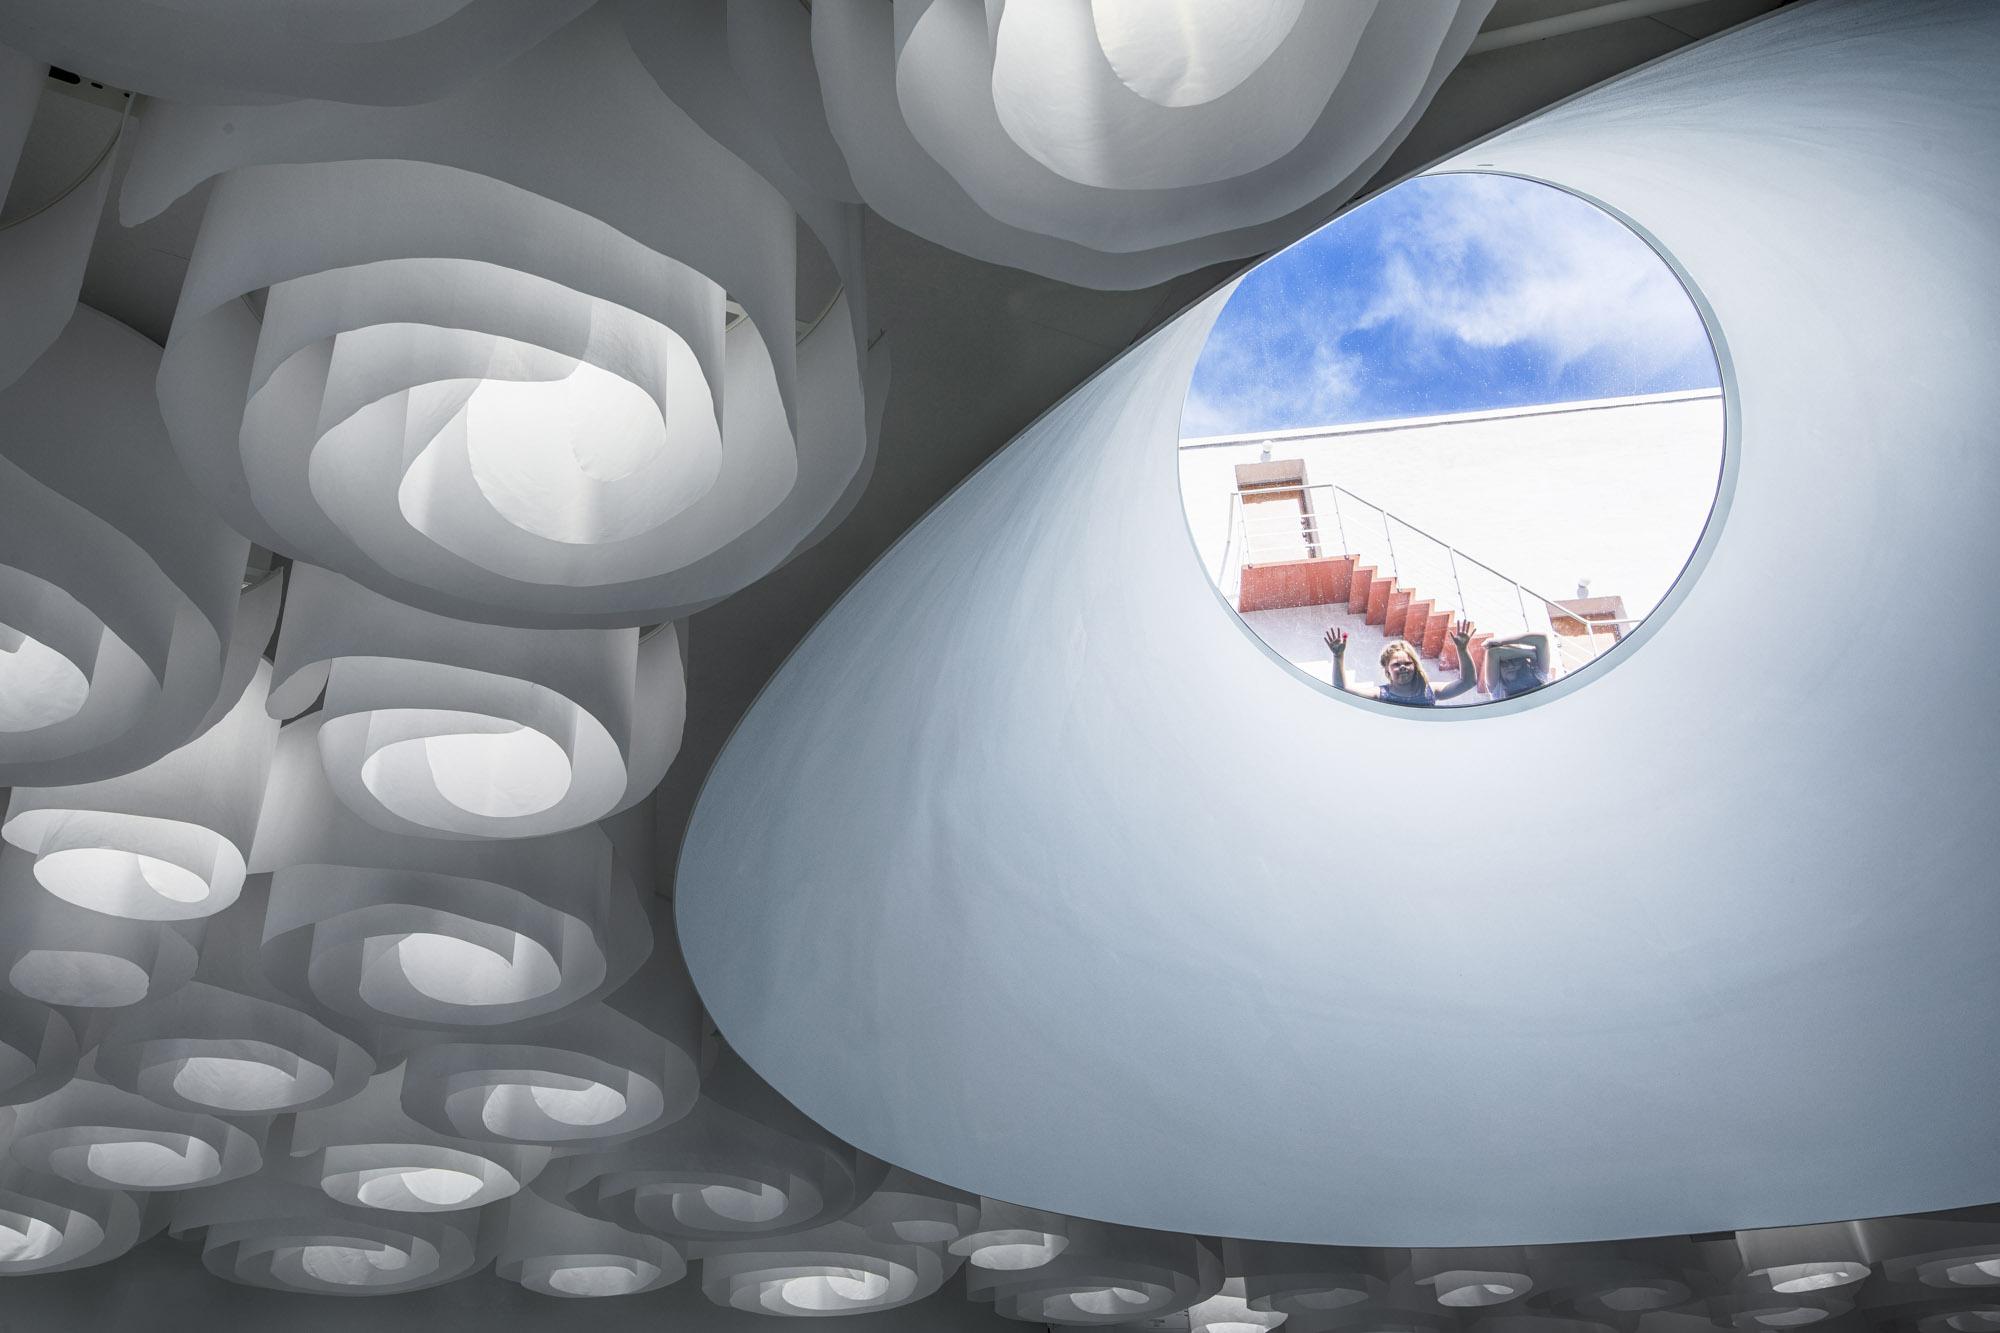 Finnland, Helsinki, Amos Rex im Lasipalatsi, unterirdisches Amos Anderson Museum, Fischauge, Deckenkonstruktion. Vom Museumsplatu kann man durch riesige, runde Scheiben in das Foyer des Museum schauen.